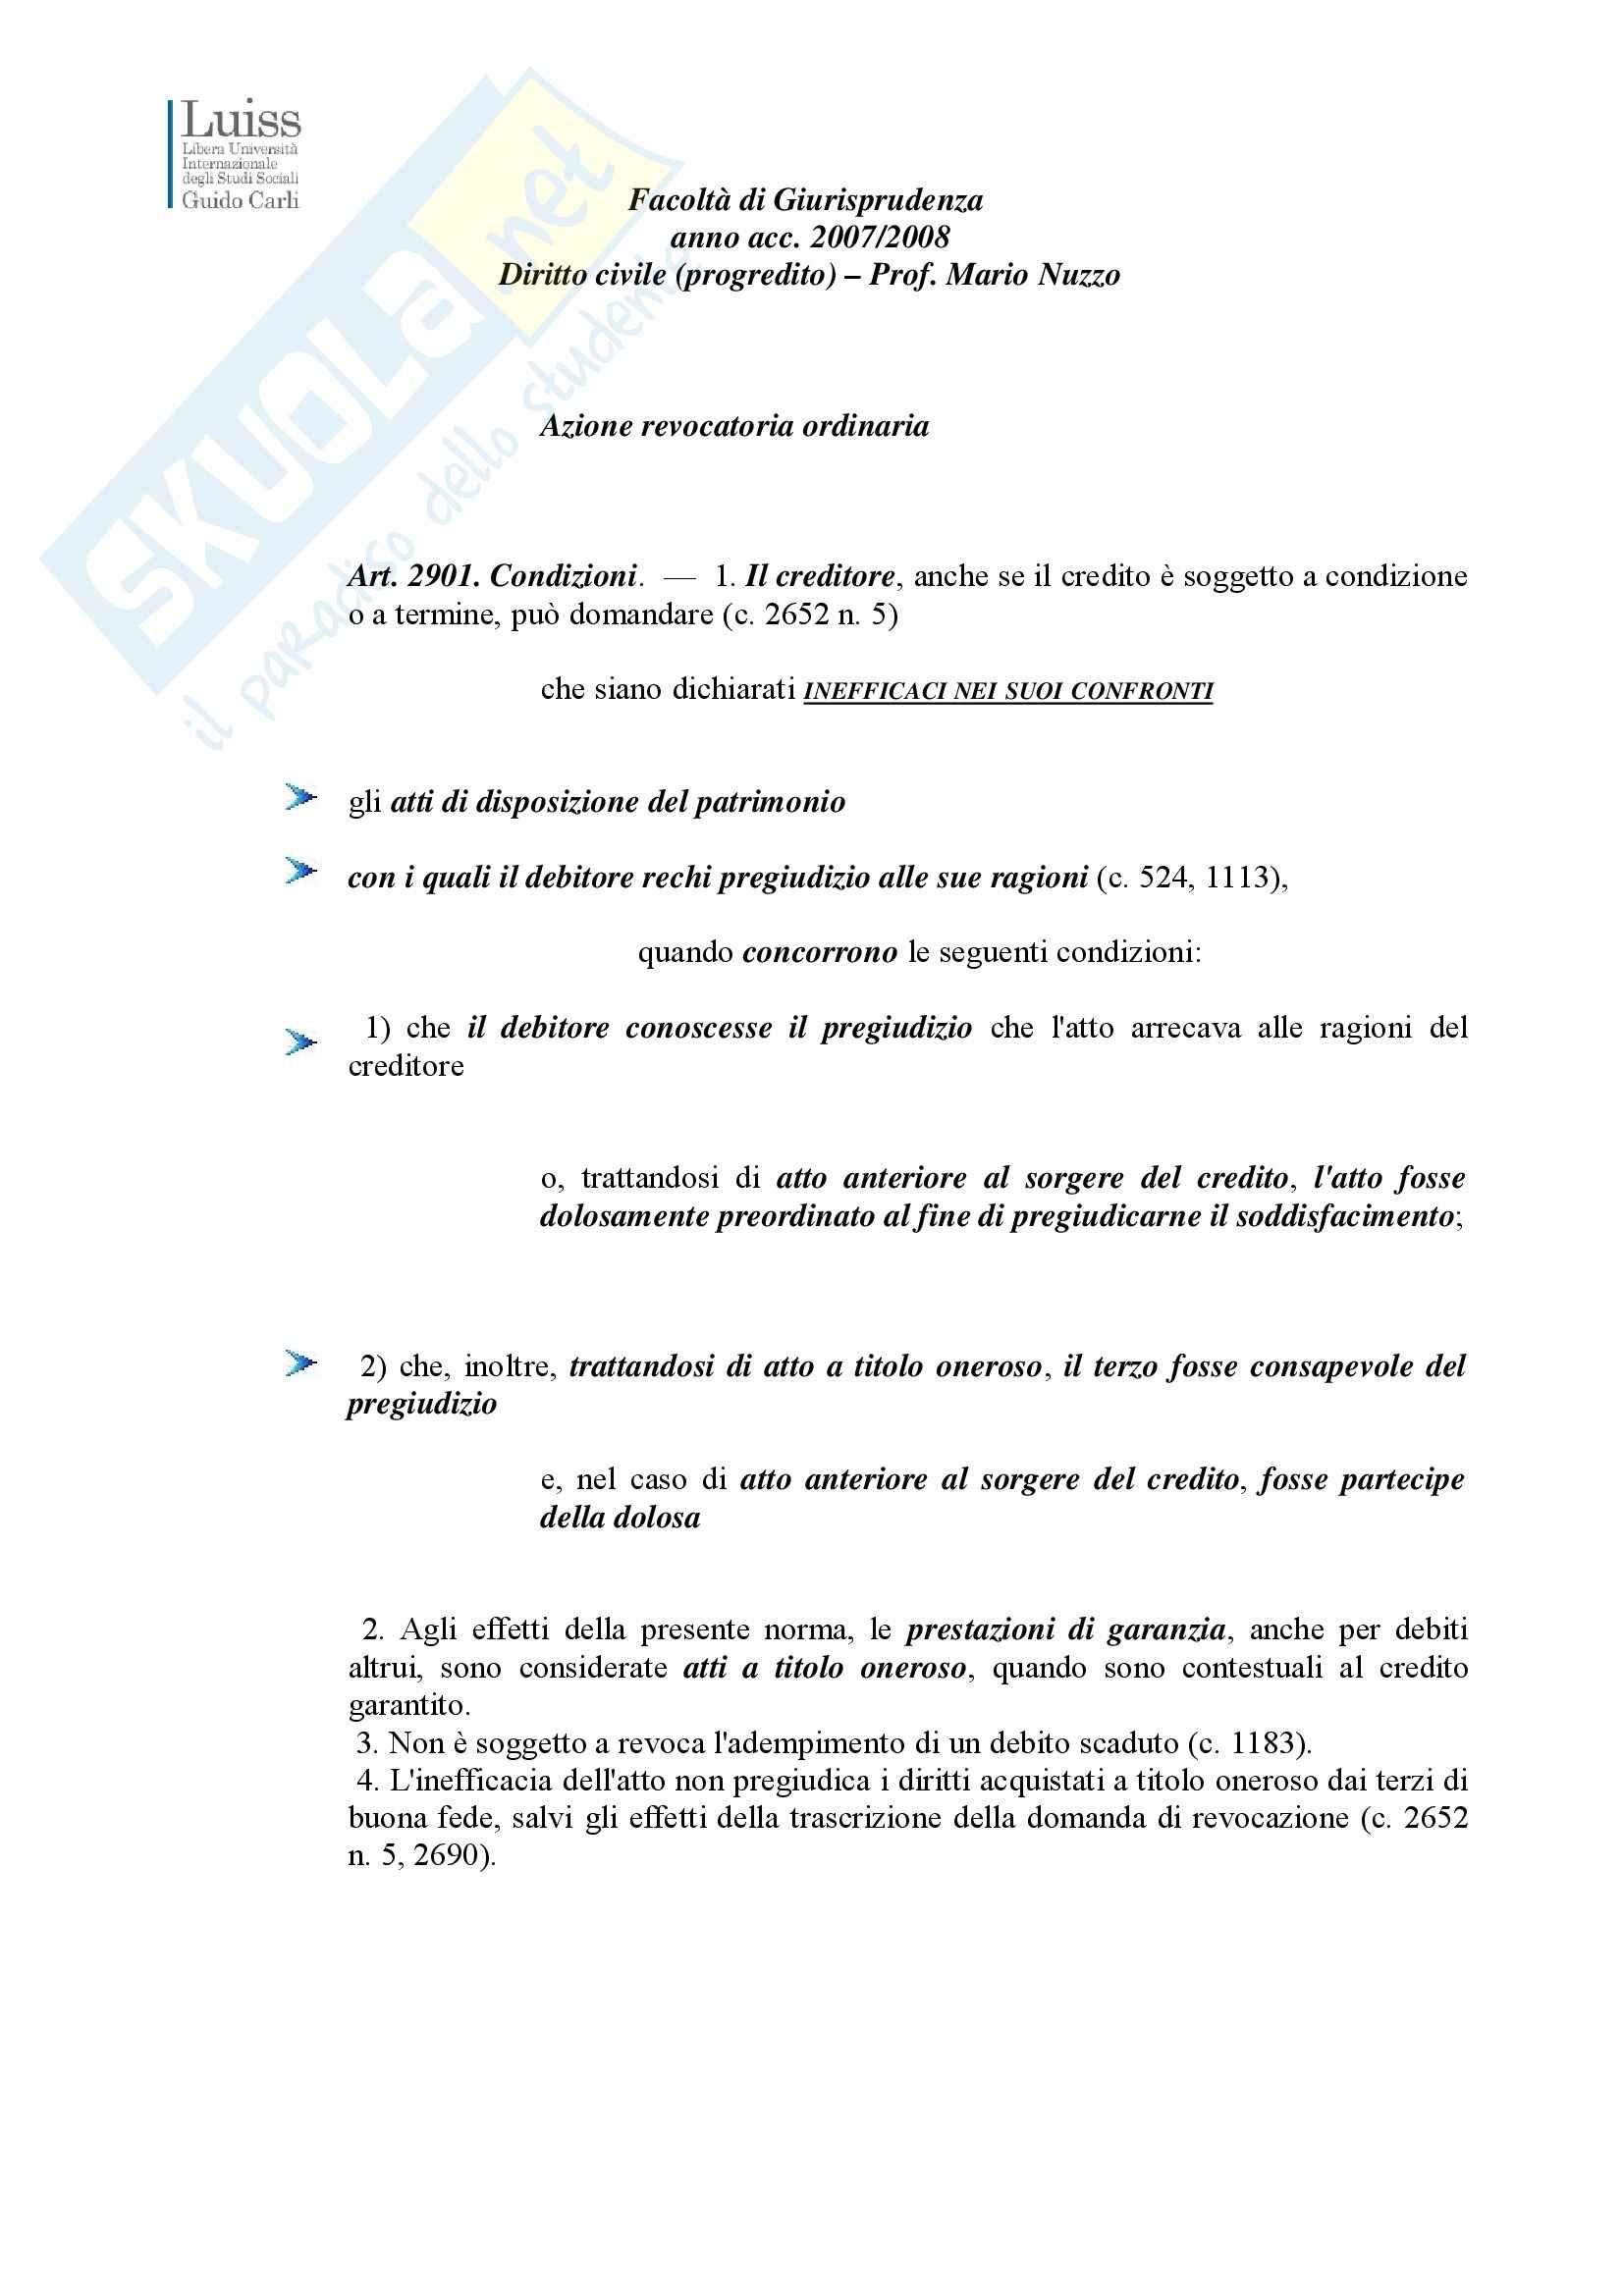 Diritto civile - azione revocatoria